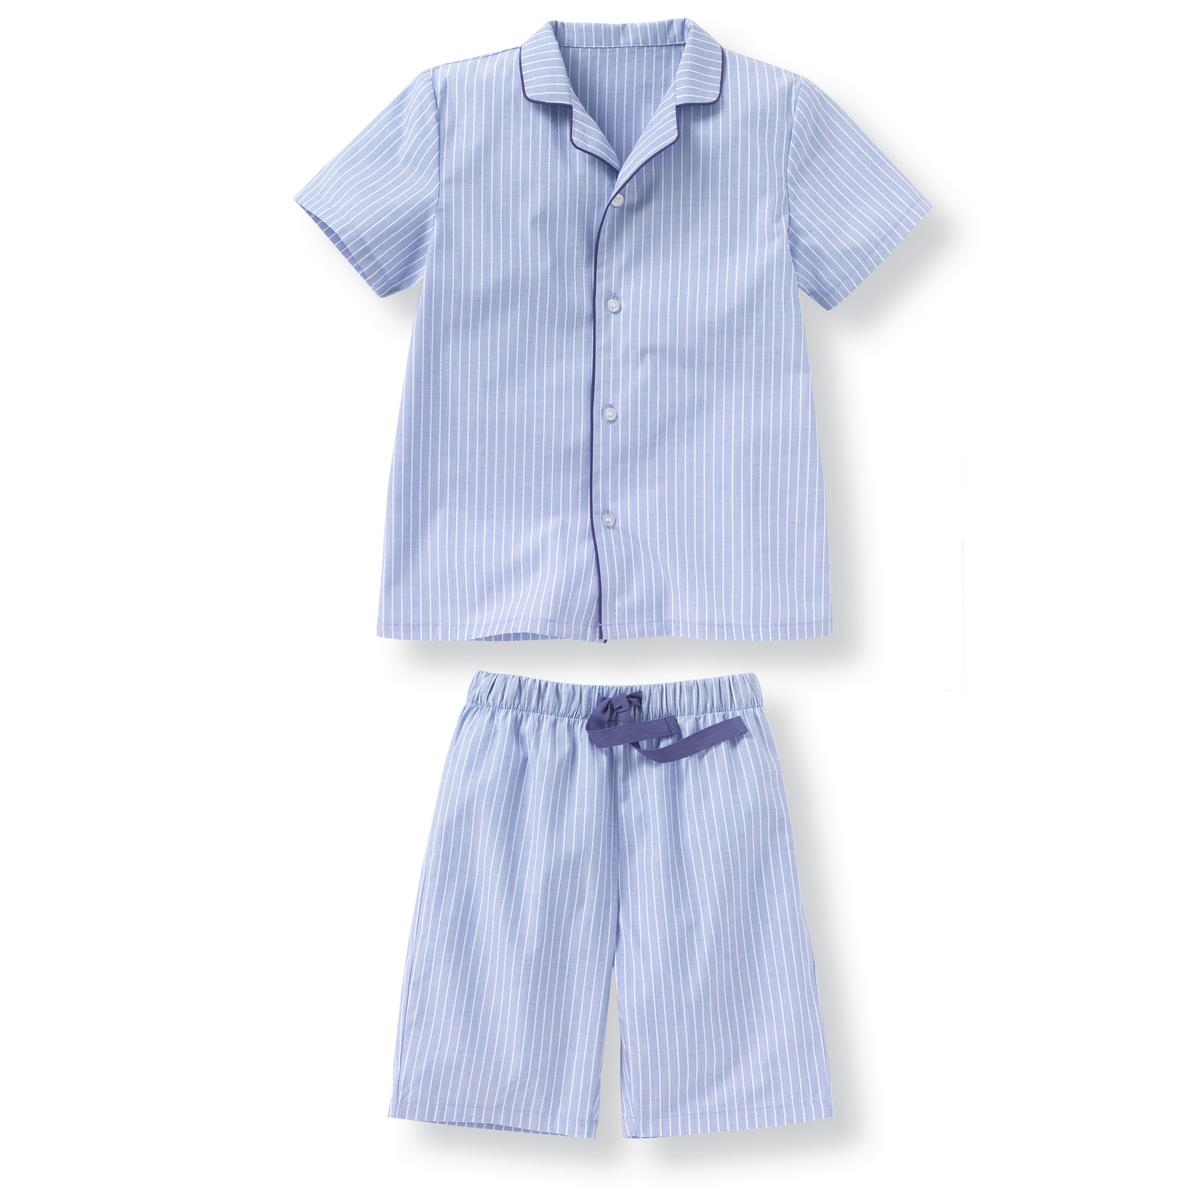 Пижама в полоску из поплина 2-12 летПижама в полоску из поплина состоит из рубашки и шорт . Рубашка с короткими рукавами и застежкой на пуговицы . Шорты на эластичном поясе с завязками . Состав и описание : Материал      поплин 100% хлопок  Марка       R essentielУход :Машинная стирка при 30°C с вещами схожих цветов.Стирка и глажка с изнаночной стороны.Машинная сушка в умеренном режиме.Гладить на низкой температуре.<br><br>Цвет: в полоску синий/белый<br>Размер: 12 лет -150 см.5 лет - 108 см.4 года - 102 см